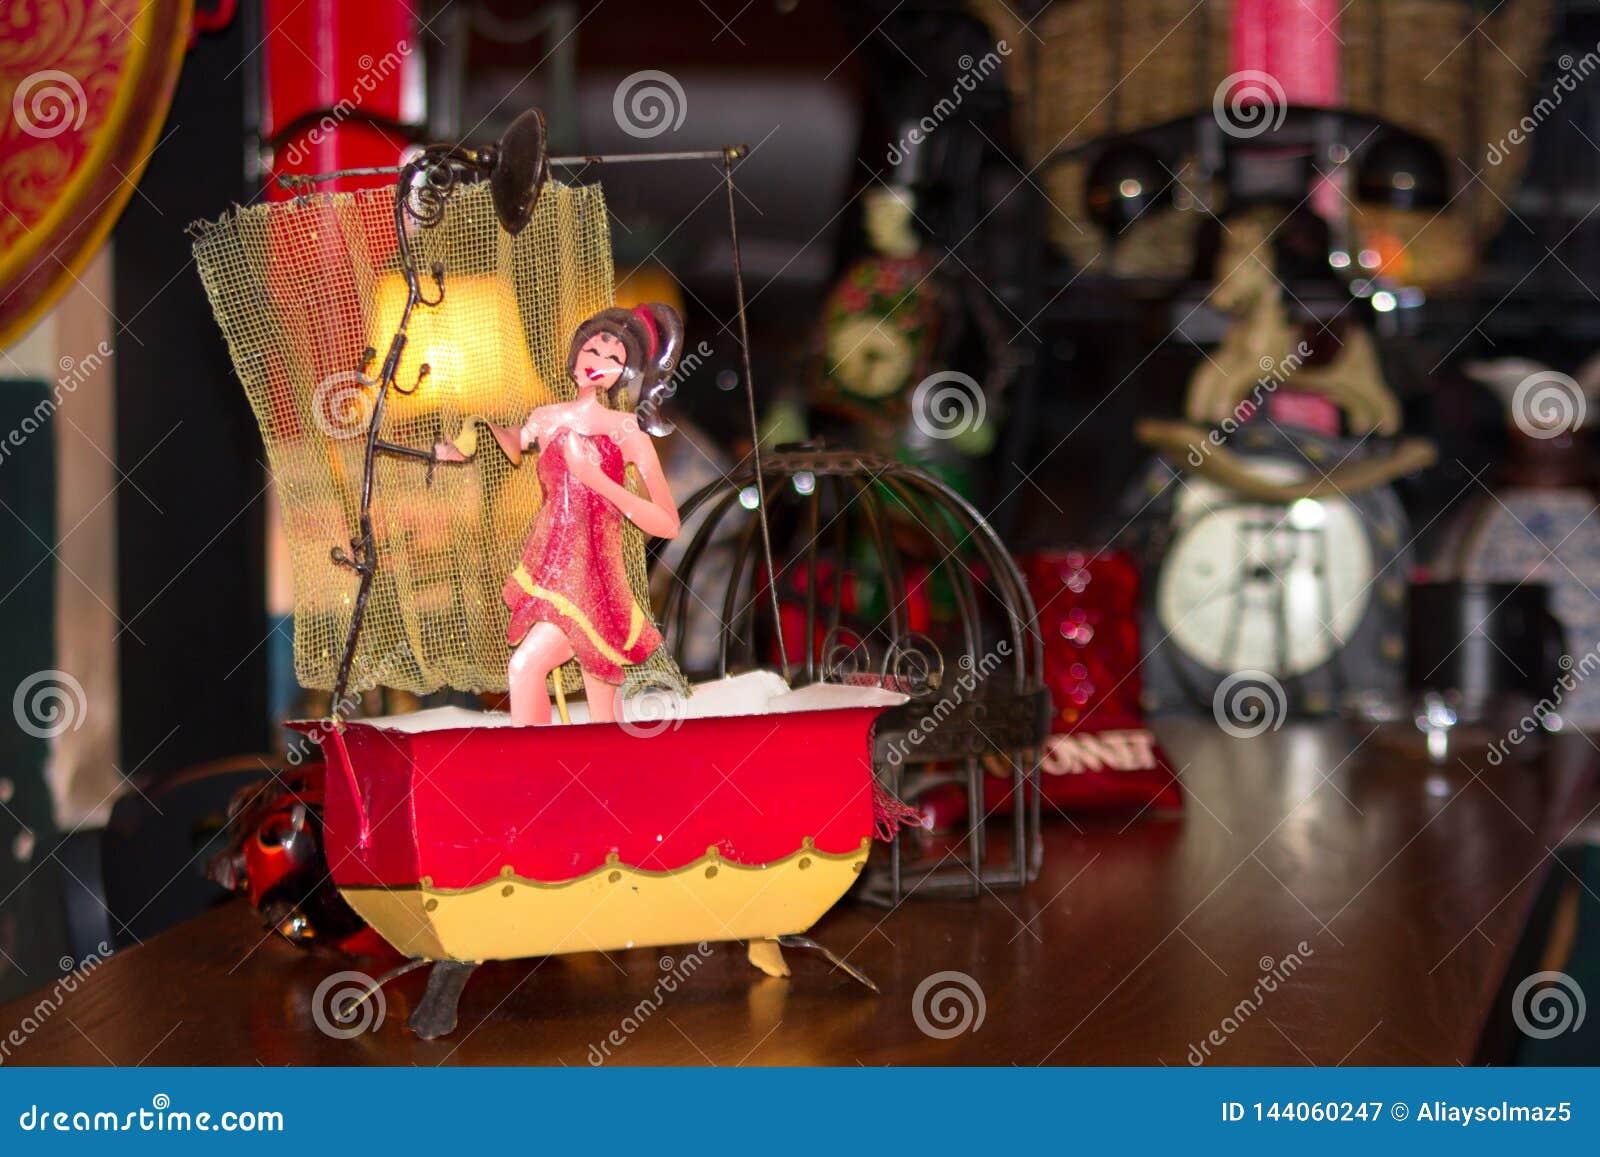 Brinquedo antigo desde 1950, banhando a mulher na figura da cuba